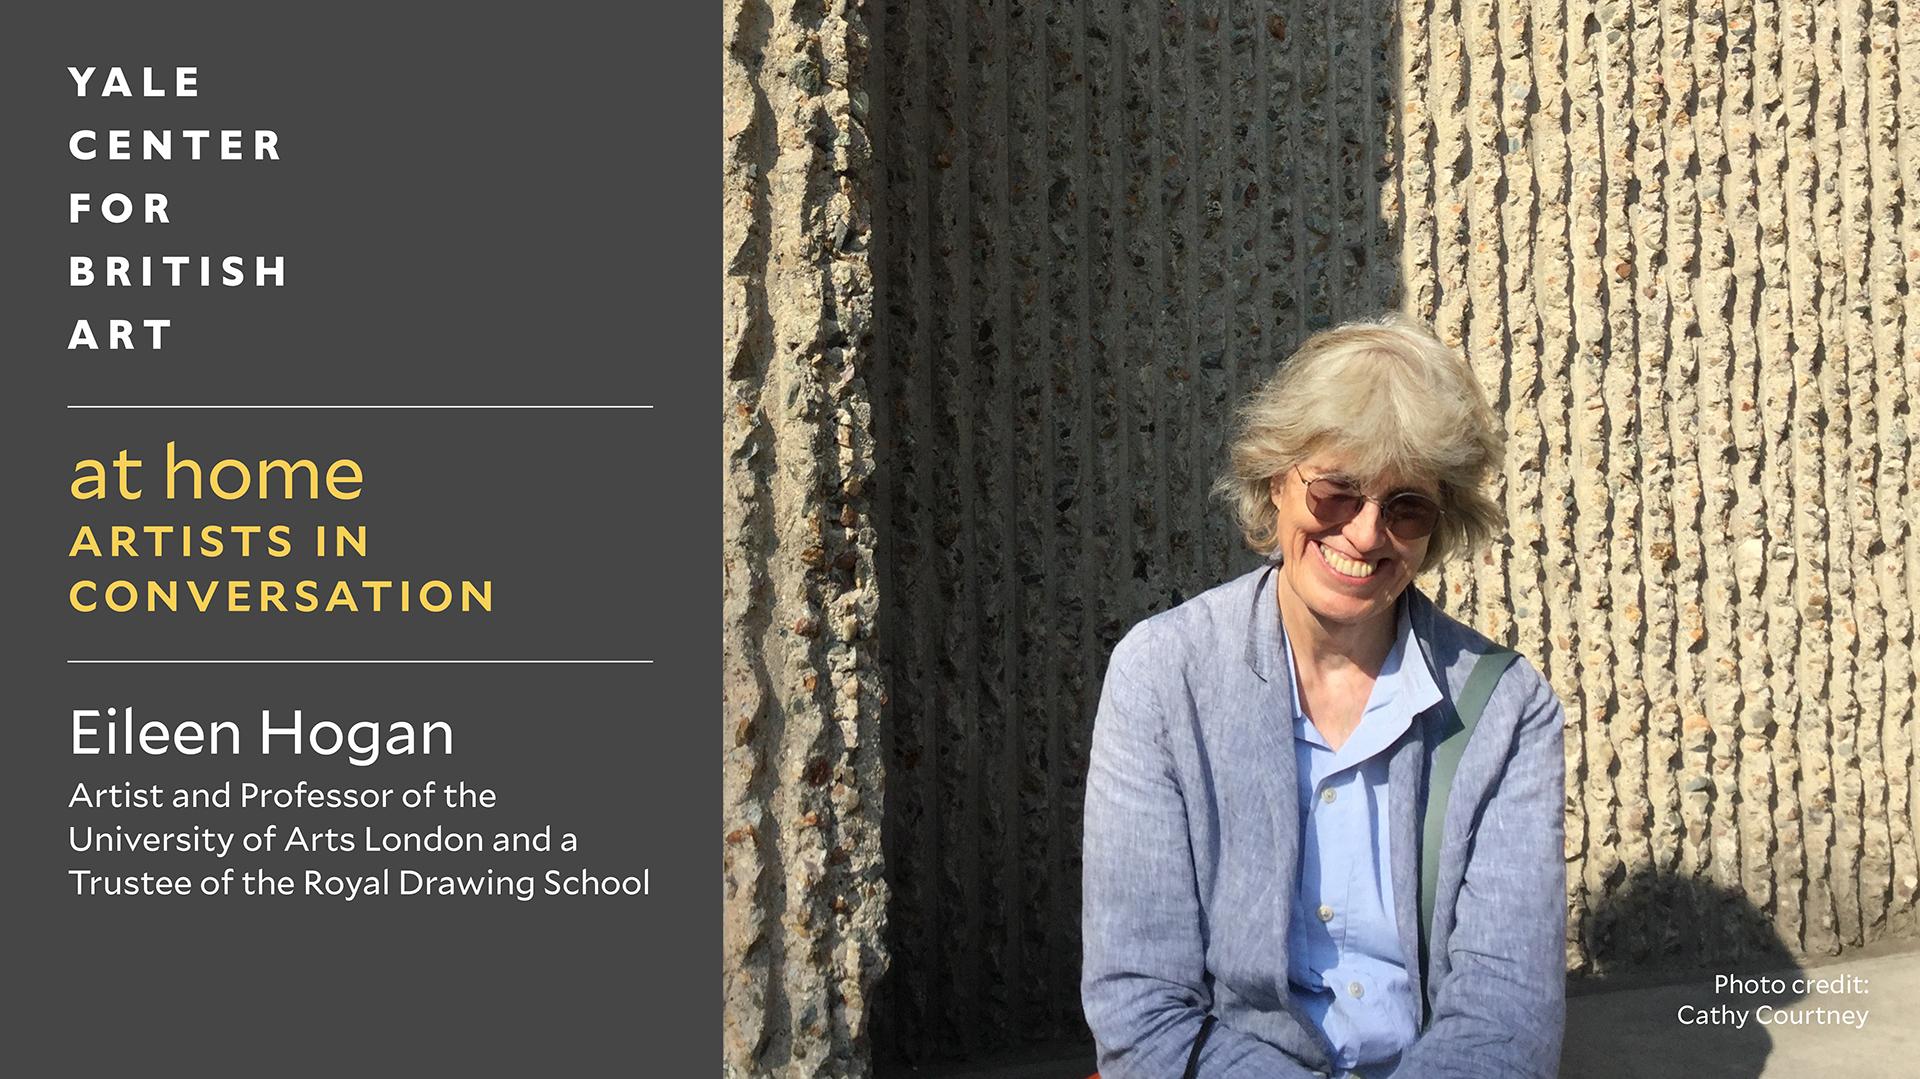 Eileen Hogan, photo by Cathy Courtney